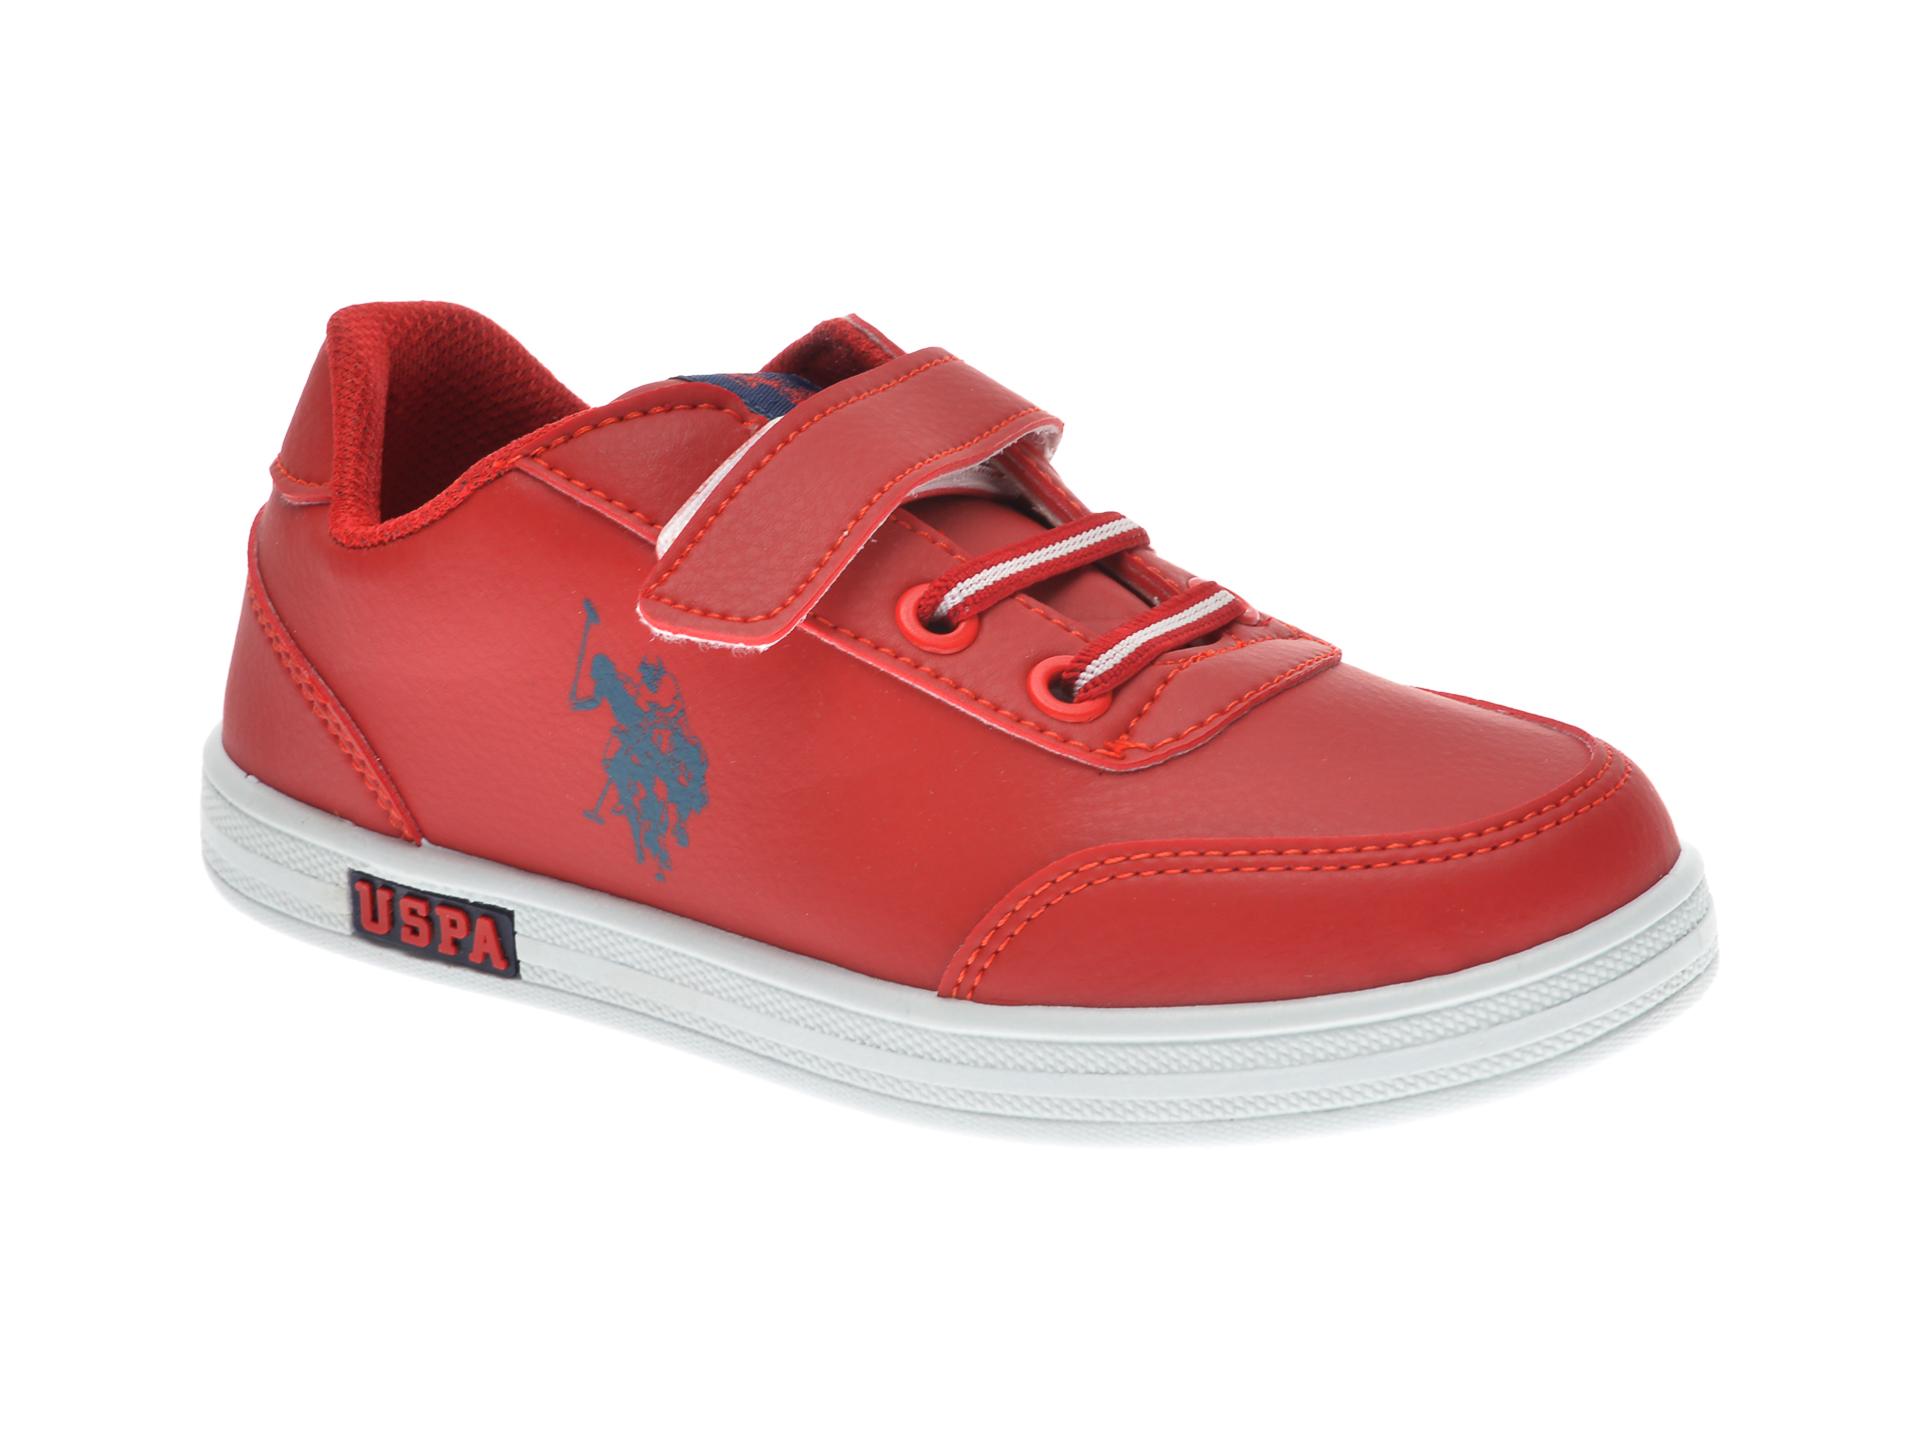 Pantofi sport US POLO ASSN rosii, 429457, din piele ecologica imagine